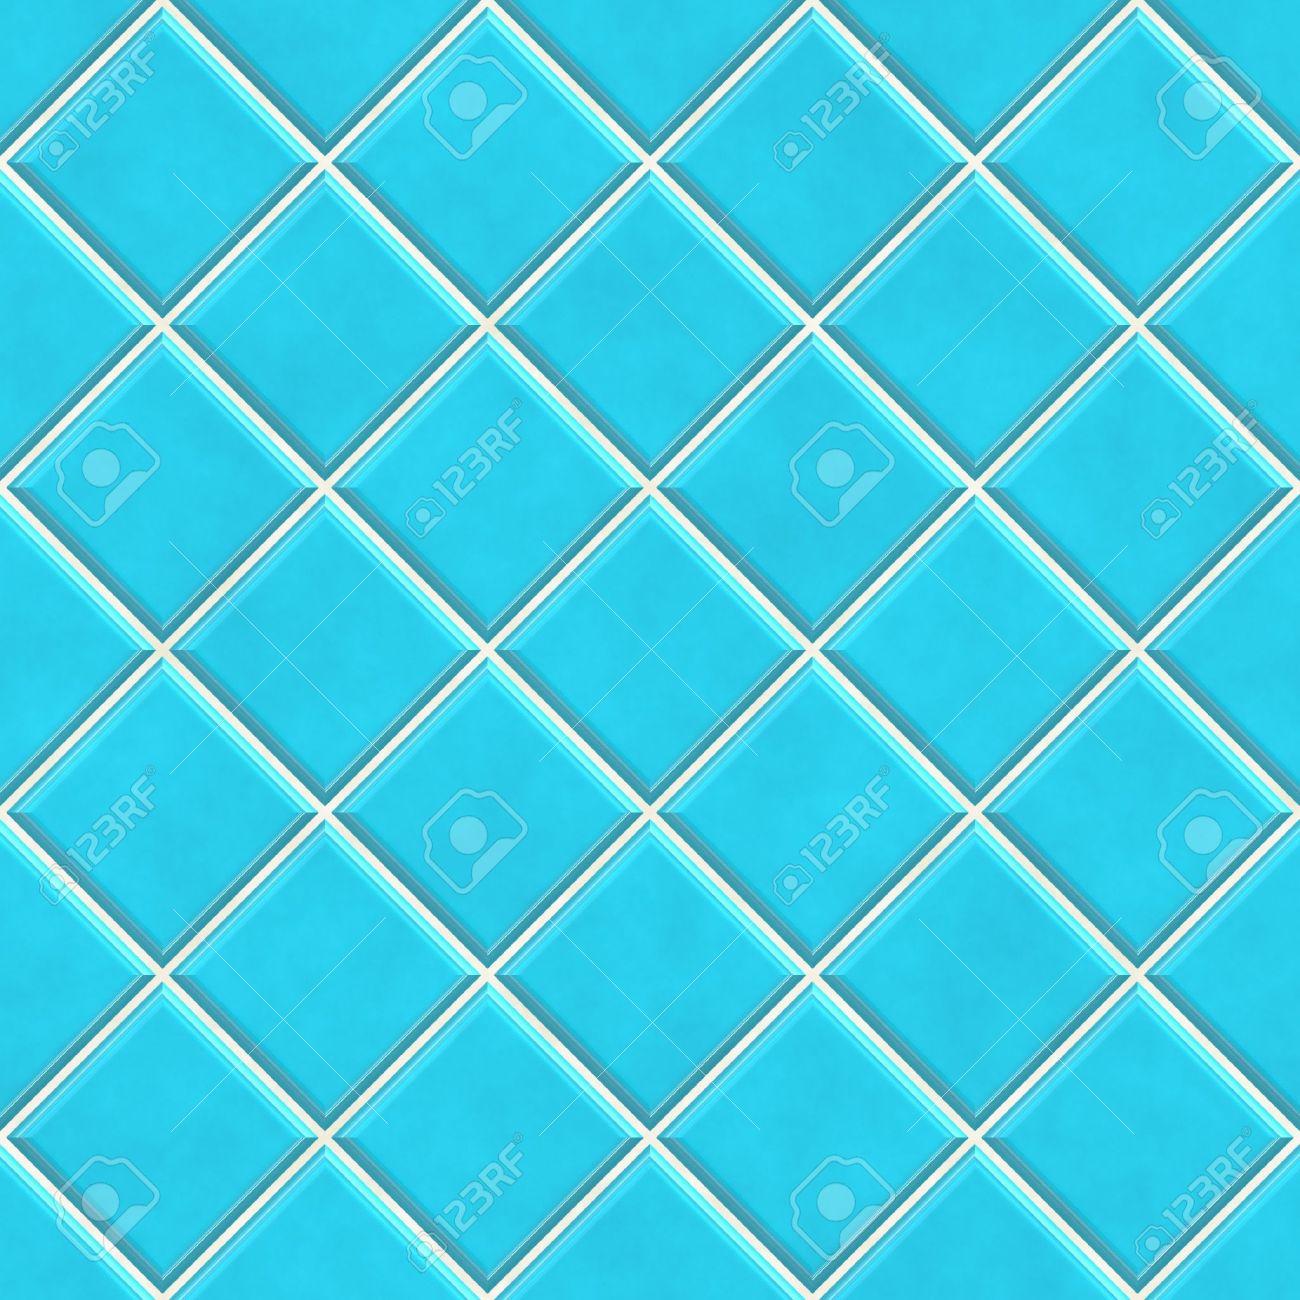 Nahtlose Blauen Fliesen Textur Hintergrund, Küche Oder Bad Konzept  Standard Bild   7306524